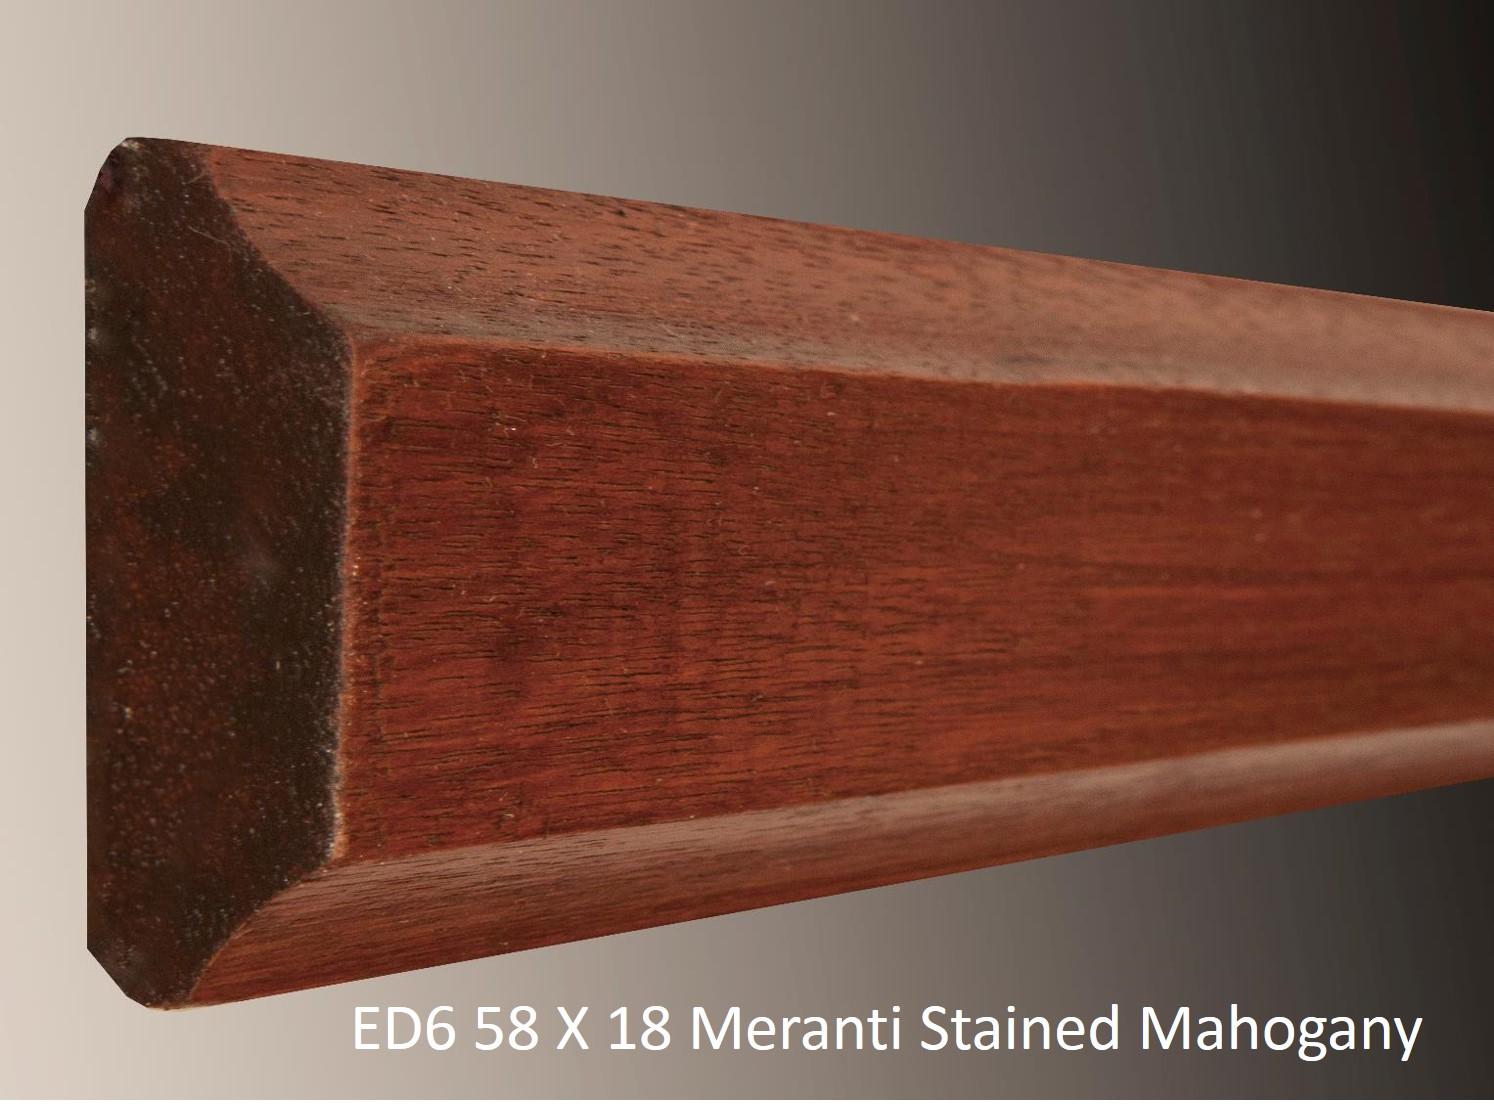 ED6 58 X 18 Meranti Stained Mahogany